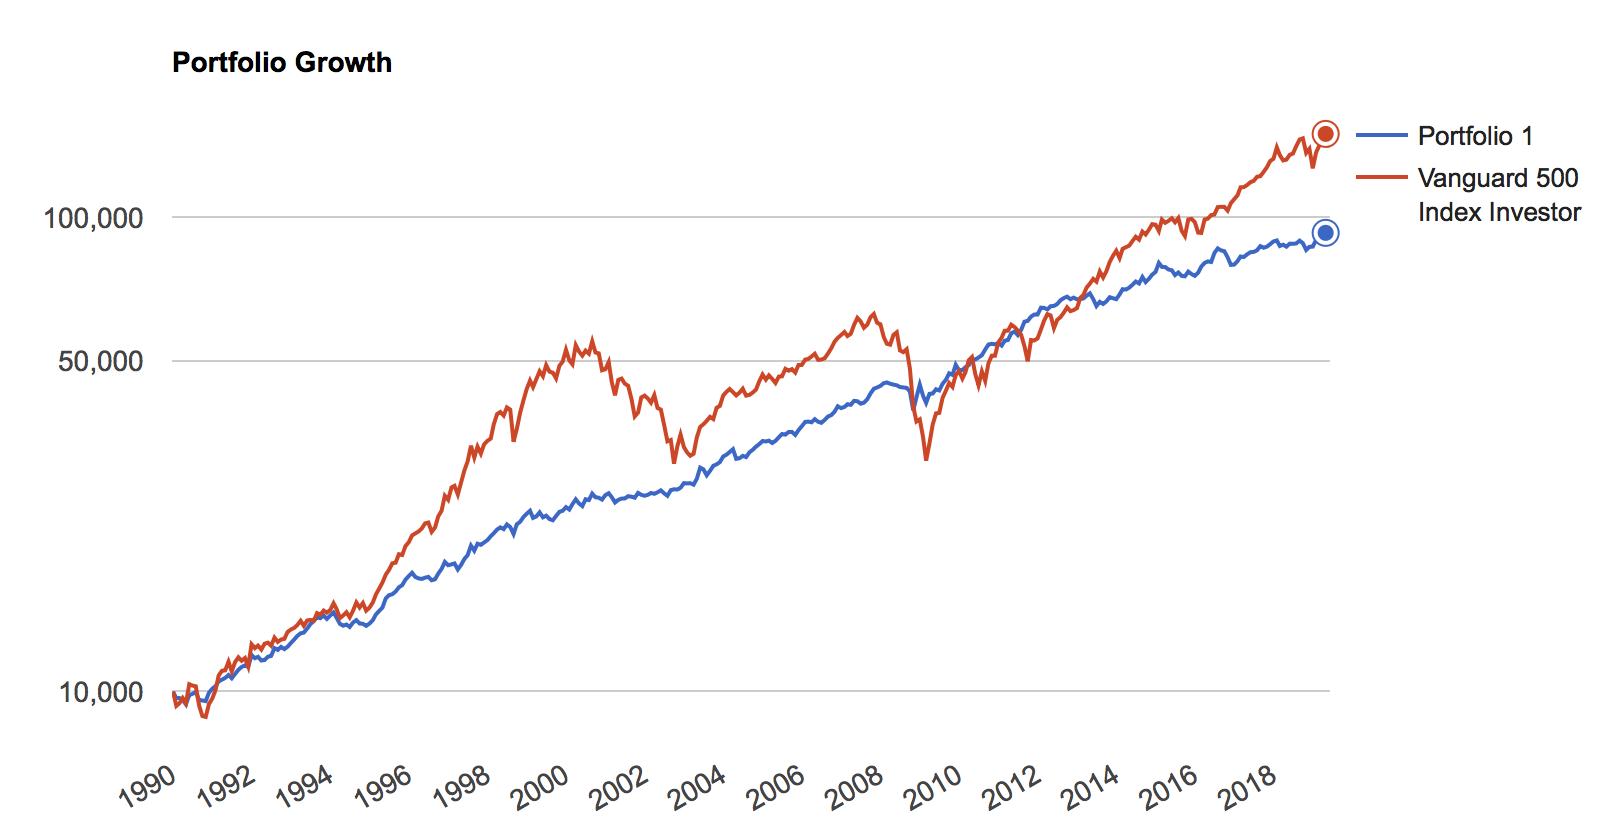 オールシーズンズ戦略の1990年→2019年の29年間のチャート